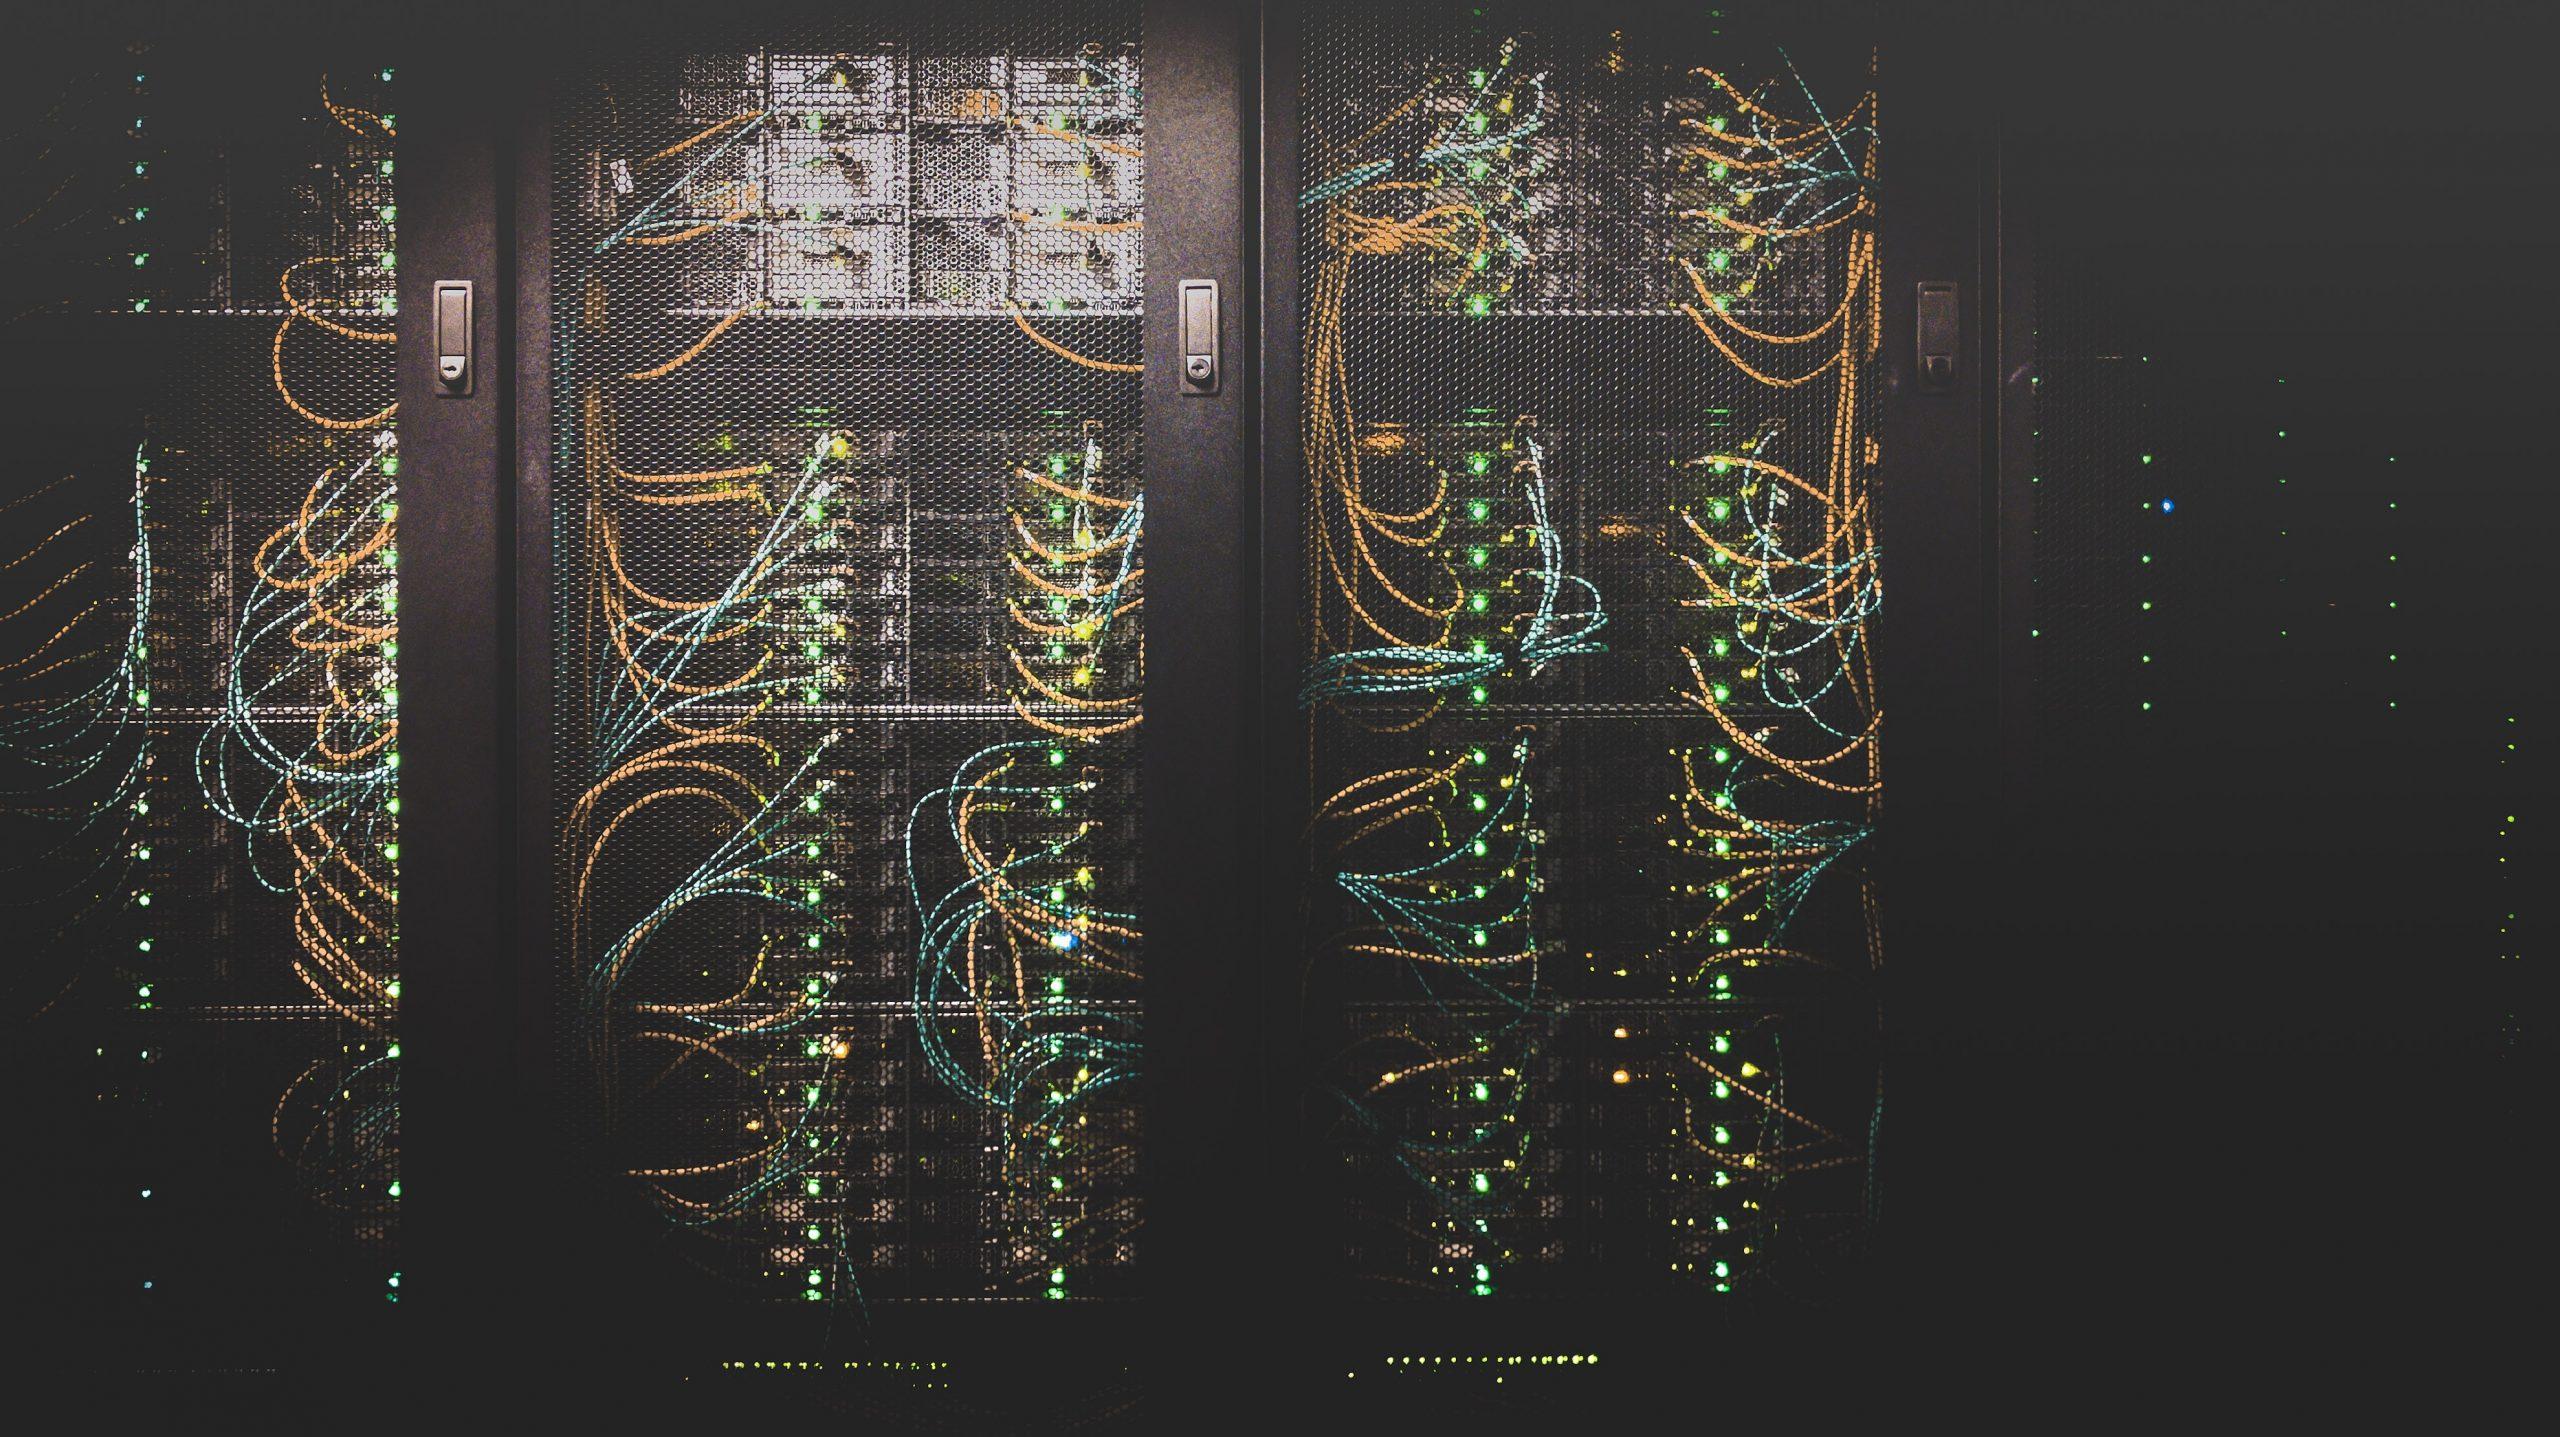 最新AI技術にDoS攻撃のリスク、大量の電力消費の可能性